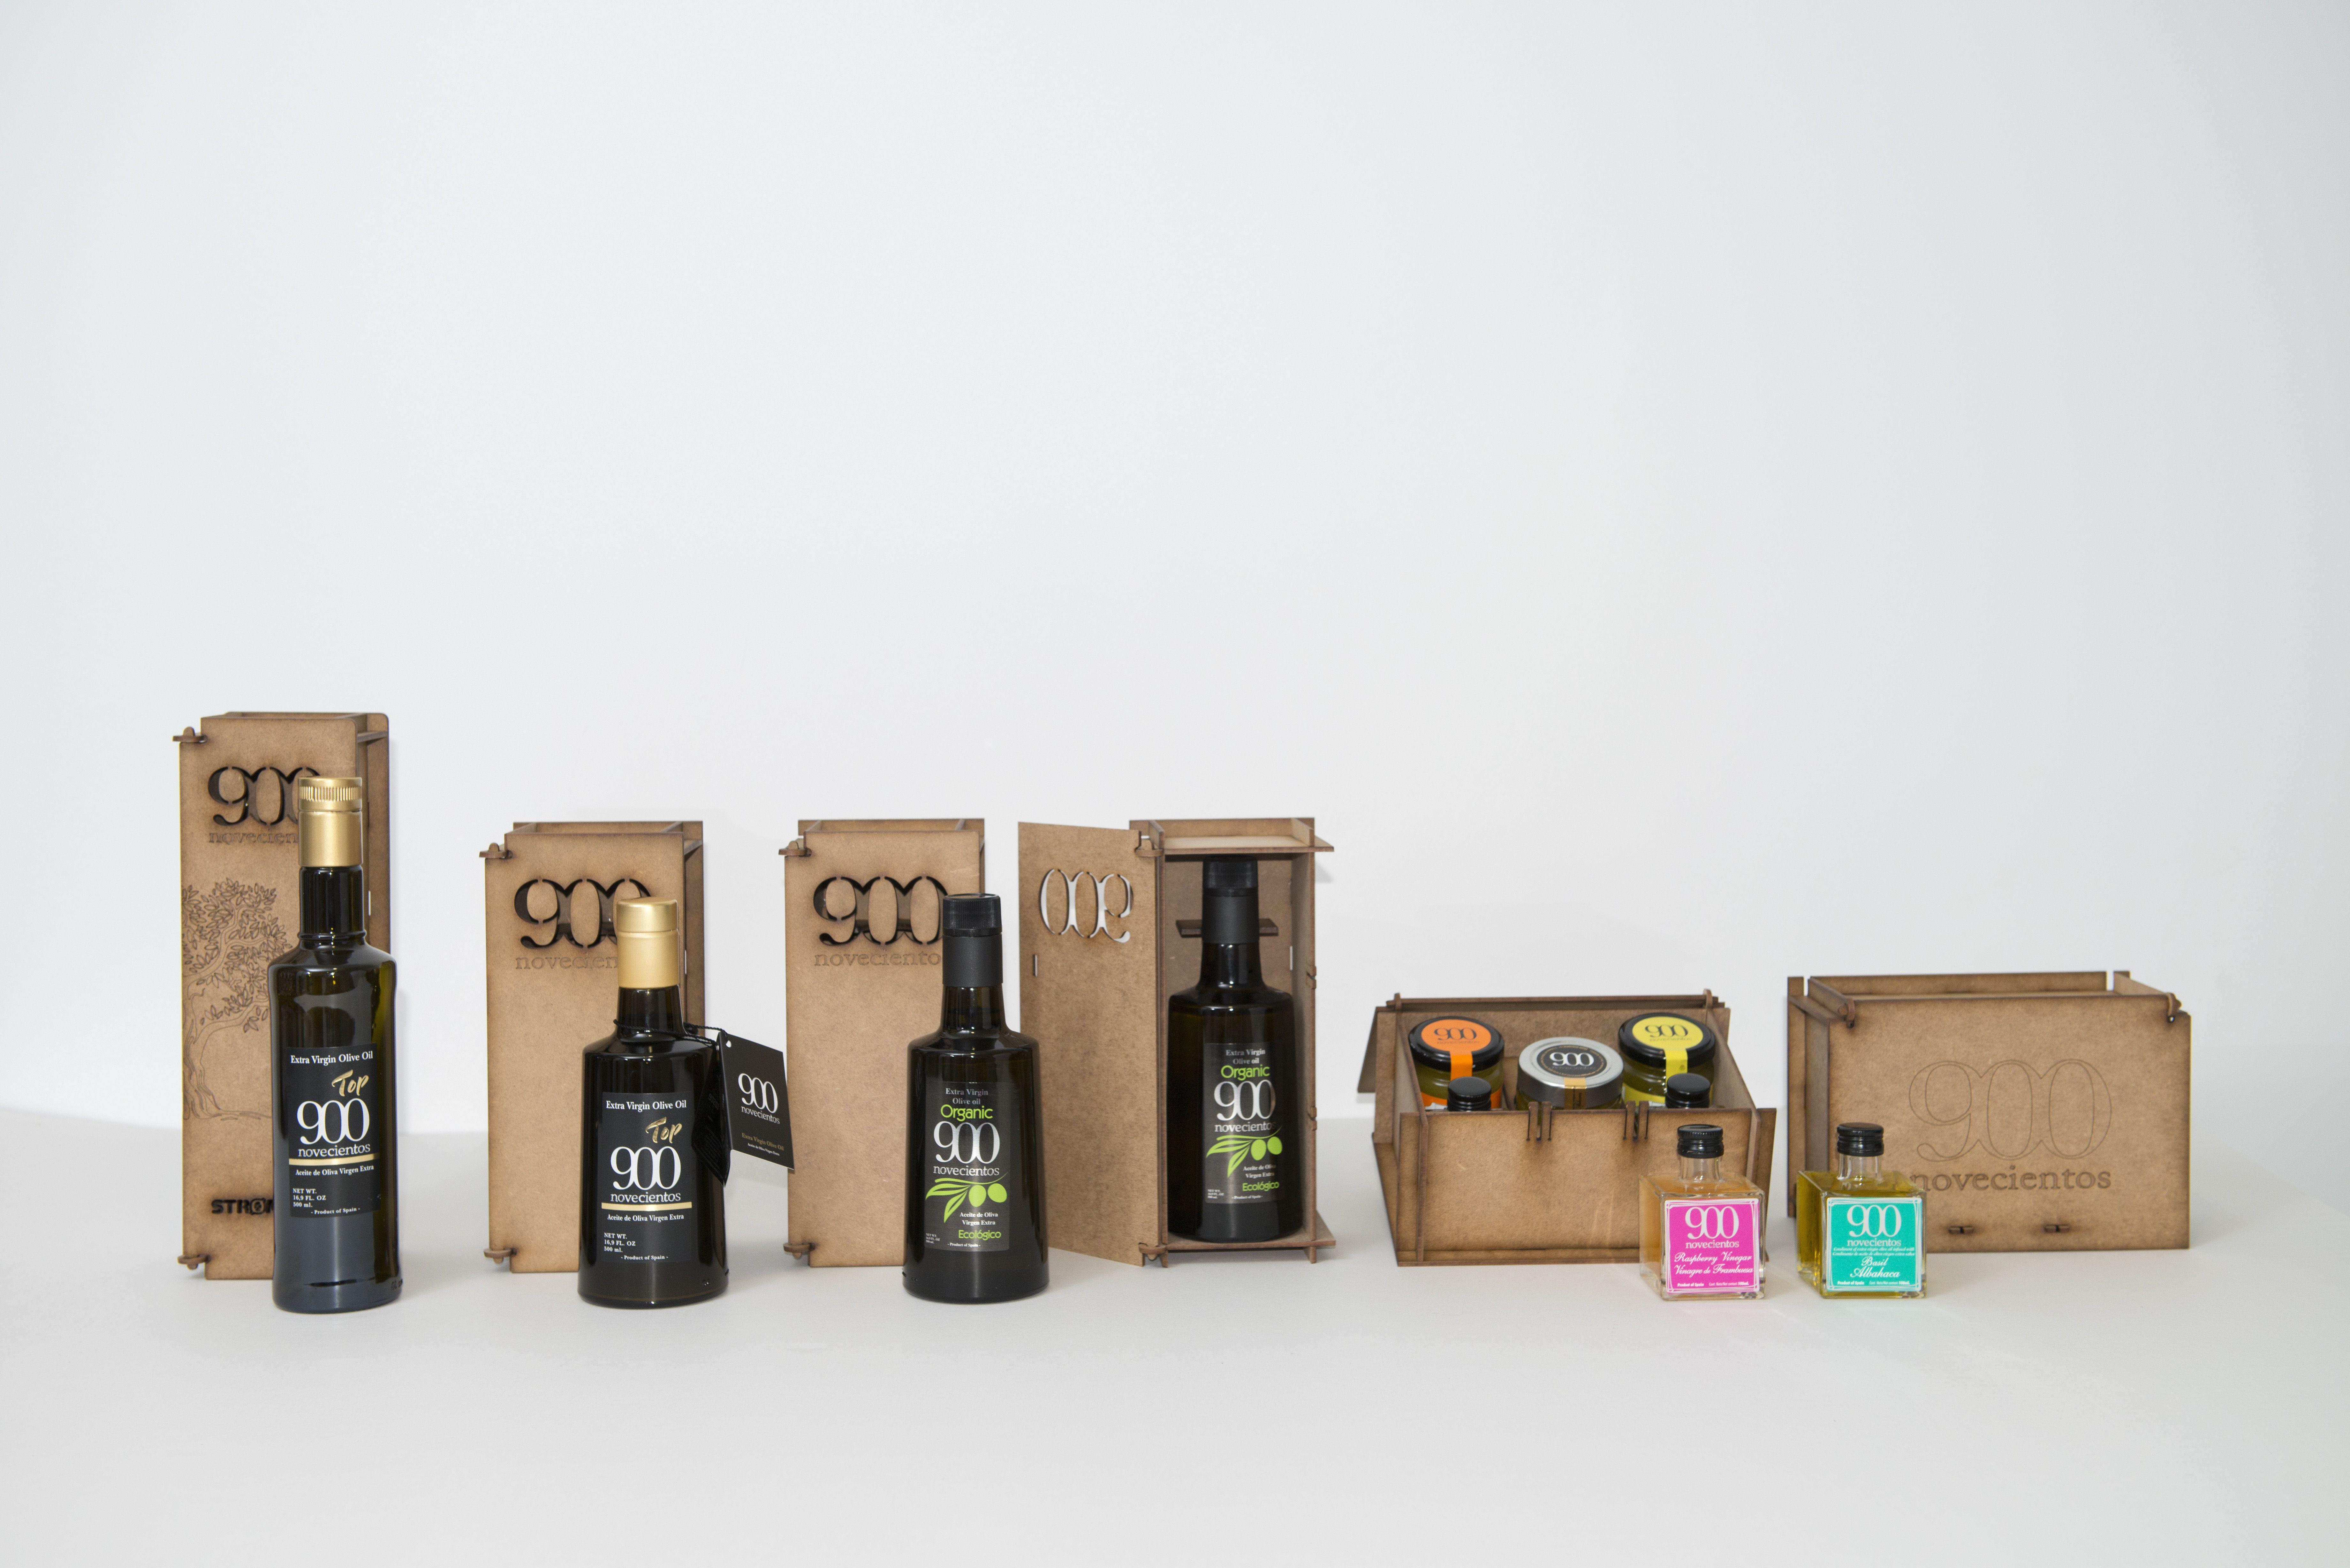 Packs de sabor, salud y diseño: Aceites de Oliva Virgen Extra  de Aceites del Sur